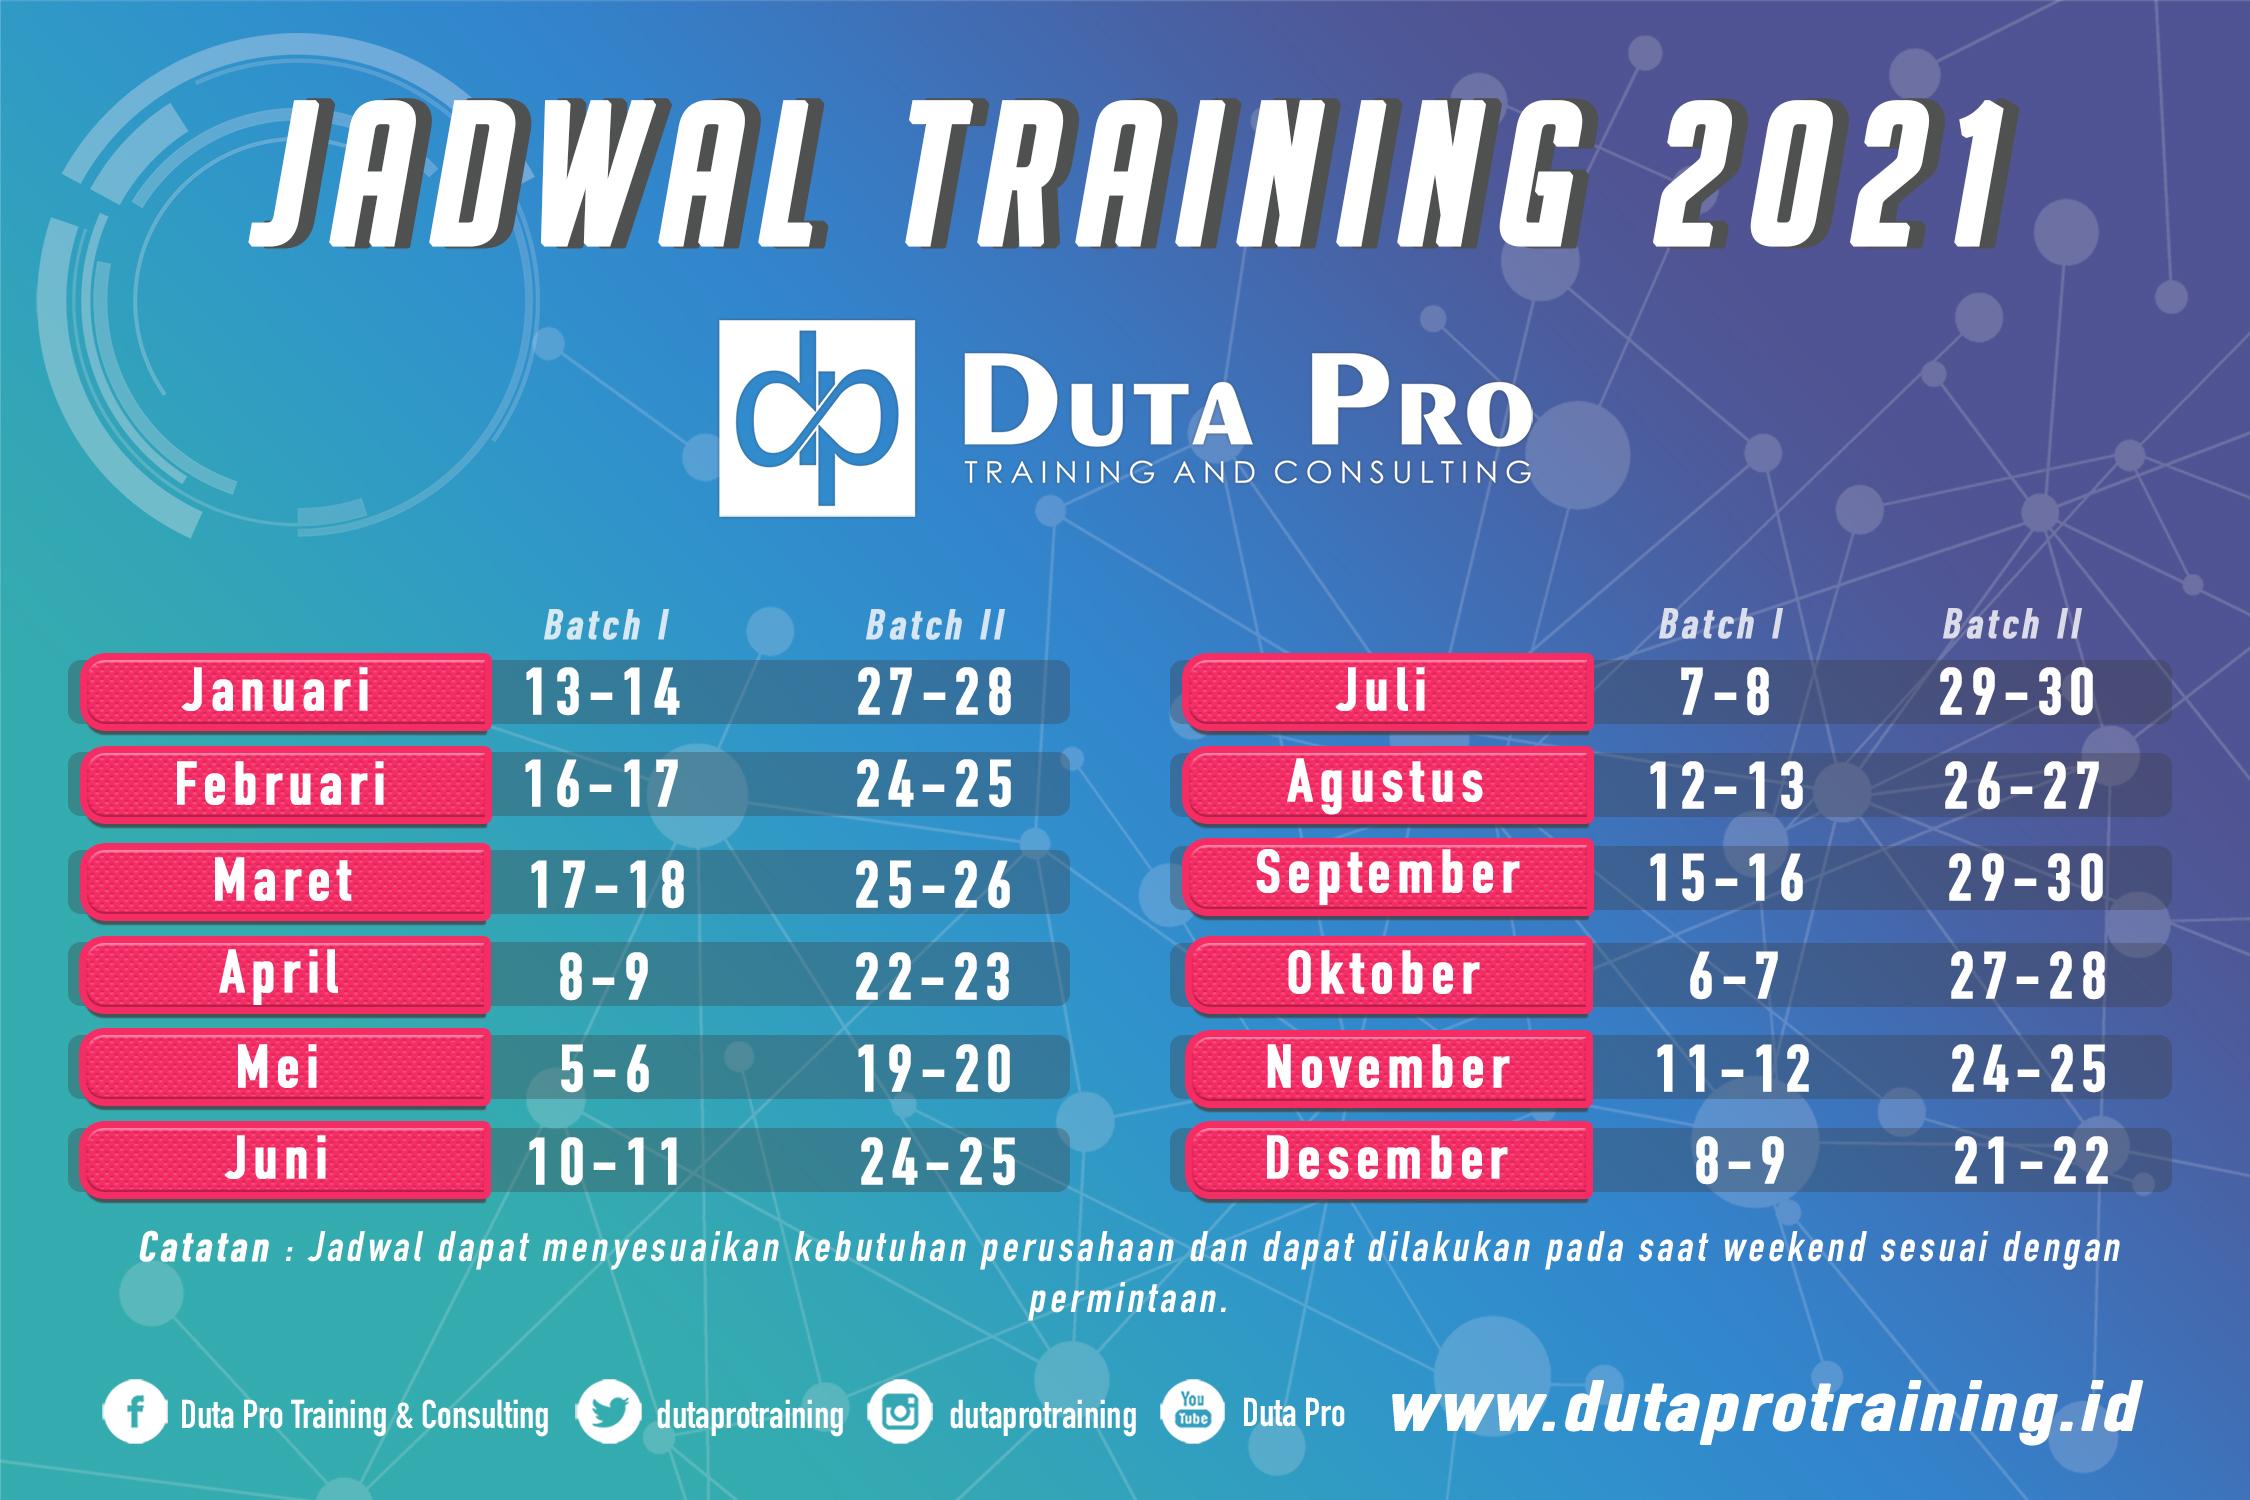 Jadwal Training 2021 1